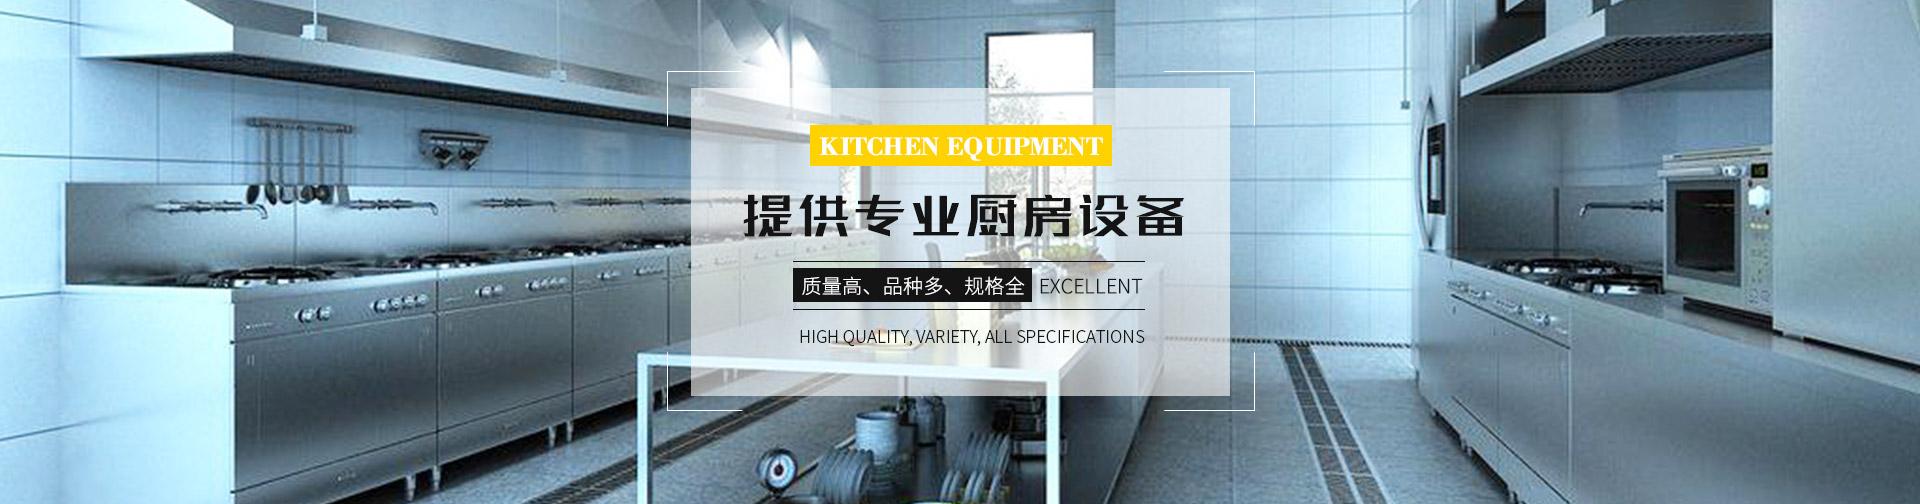 上海厨房冰箱设备